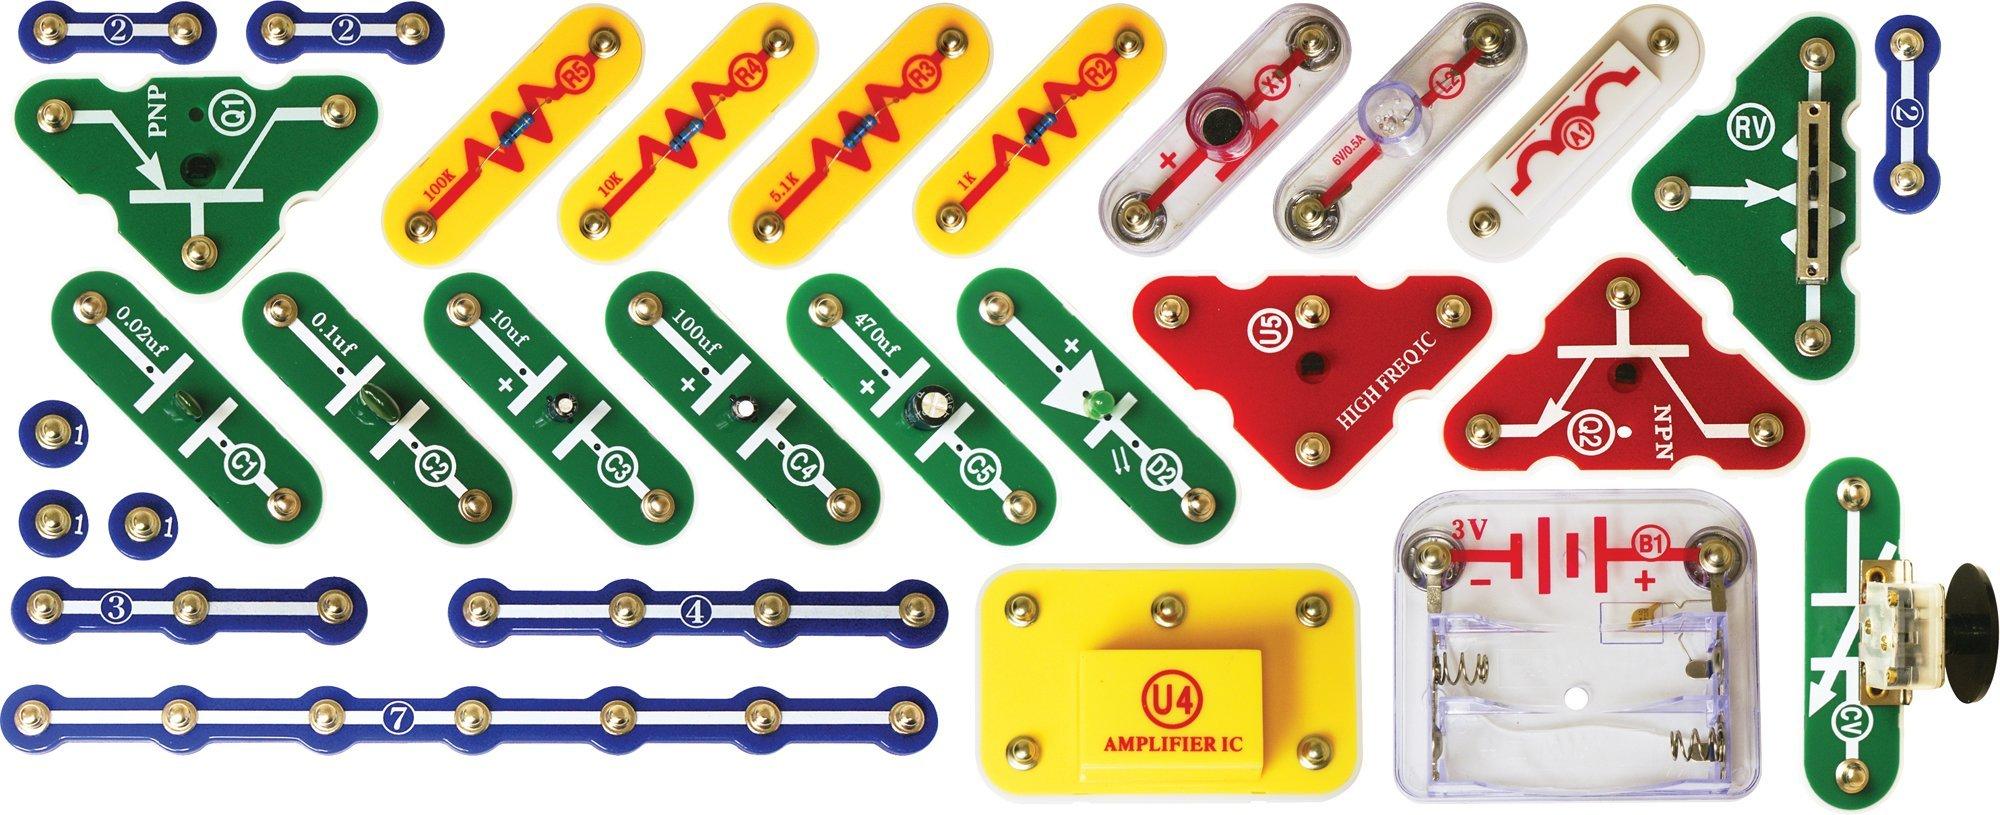 Snap Circuits Jr Instruction Manual